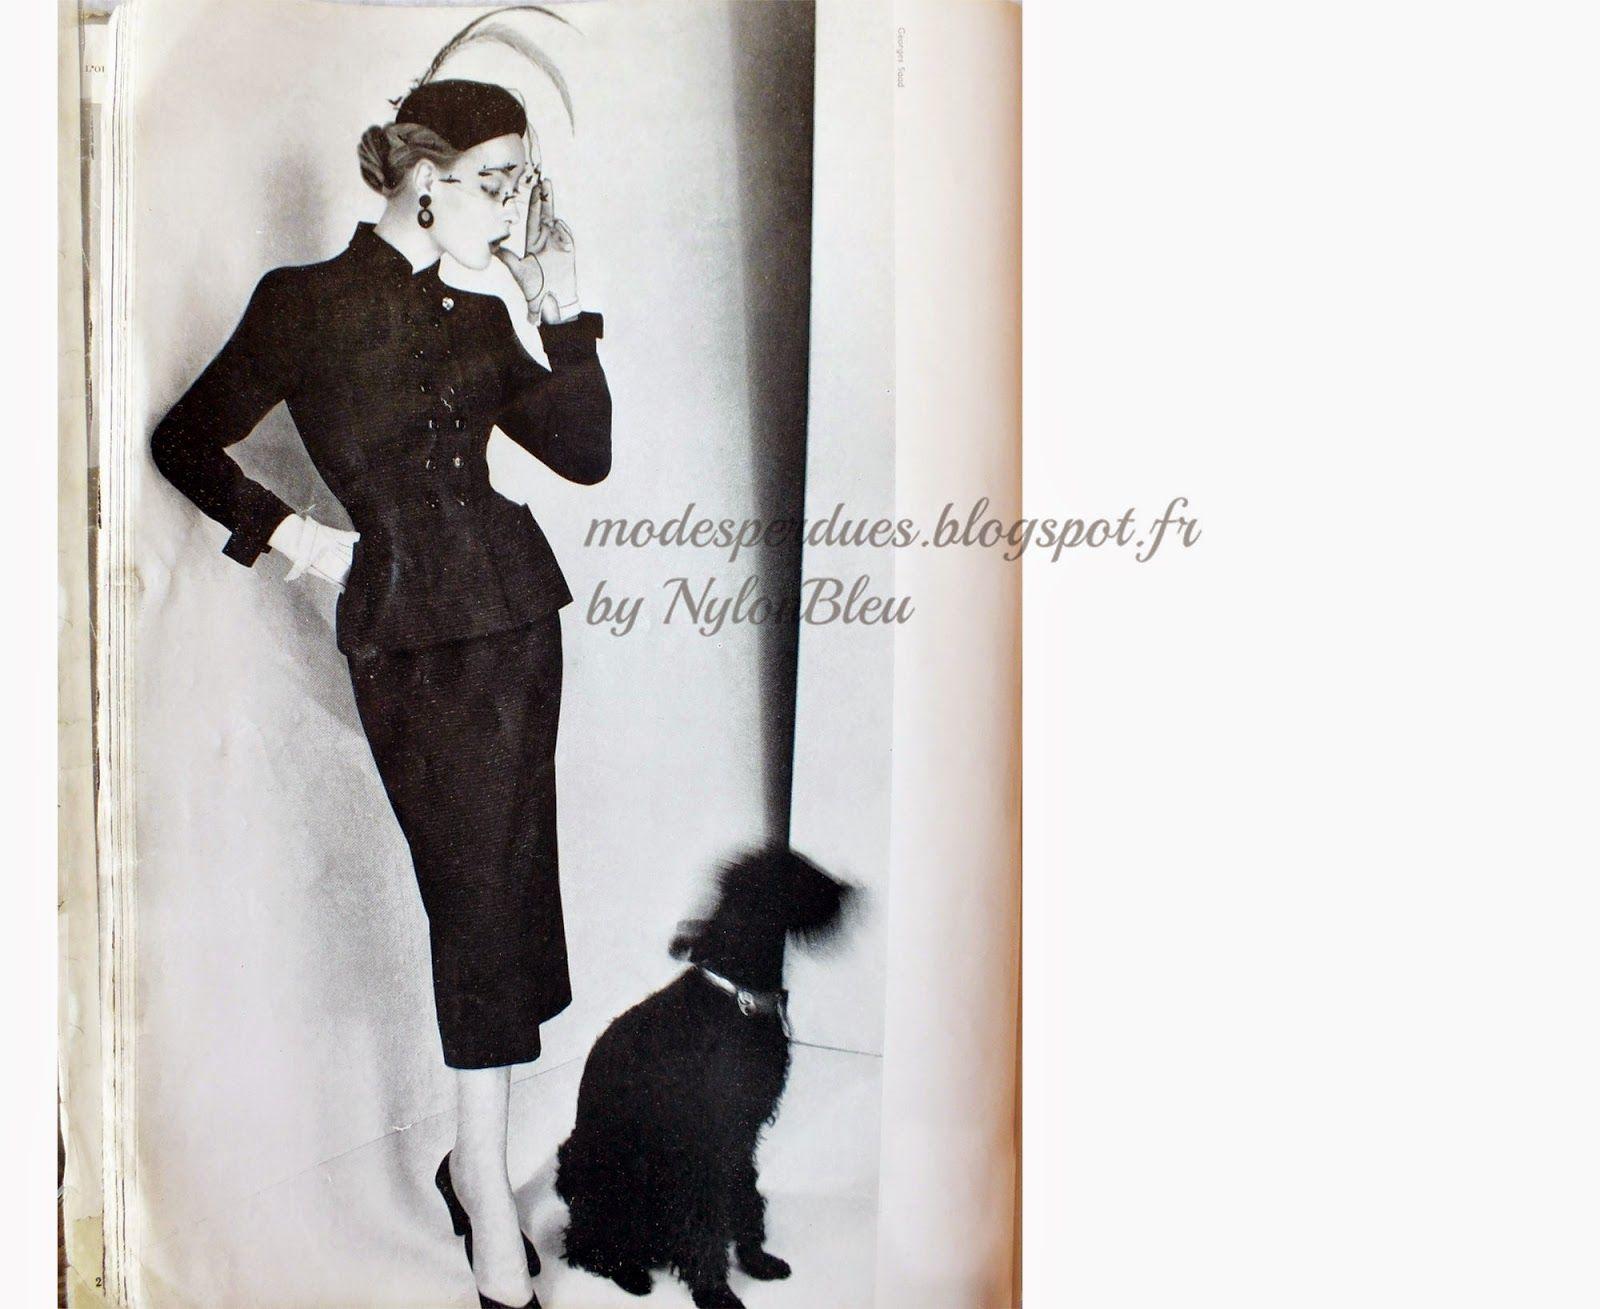 A la Recherche des Modes Perdues et Oubliées: L'Officiel - Octobre 1951 *